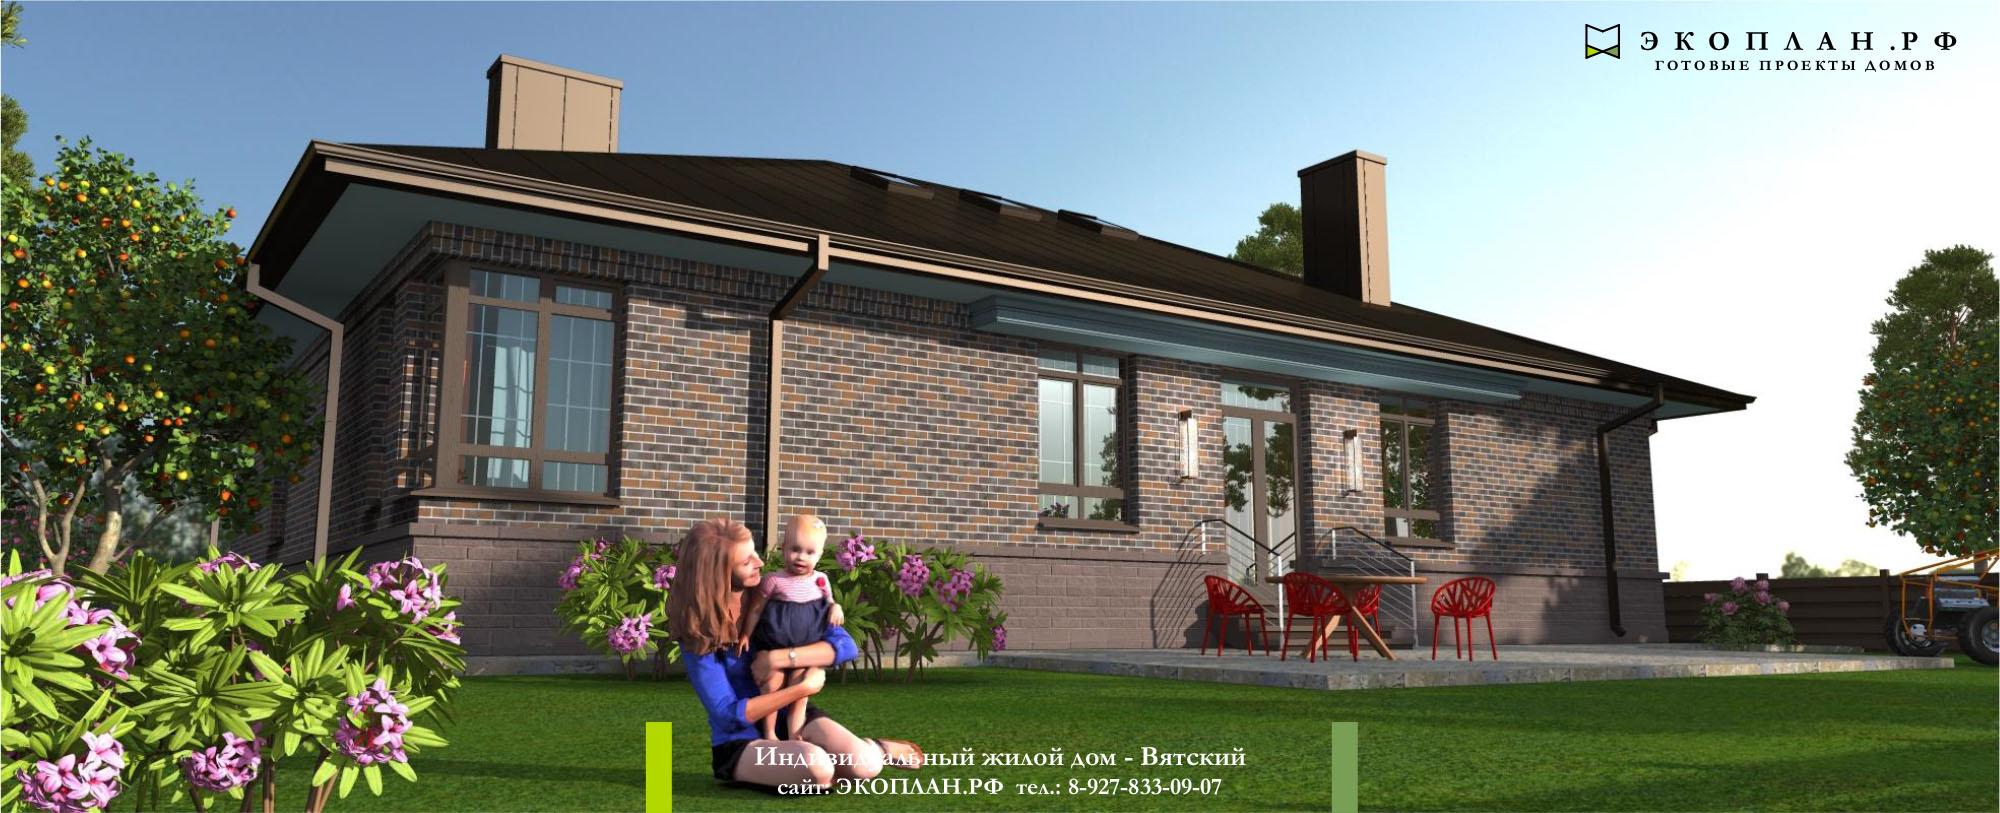 Вятский - Готовый проект дома - ЭКОПЛАН фасад